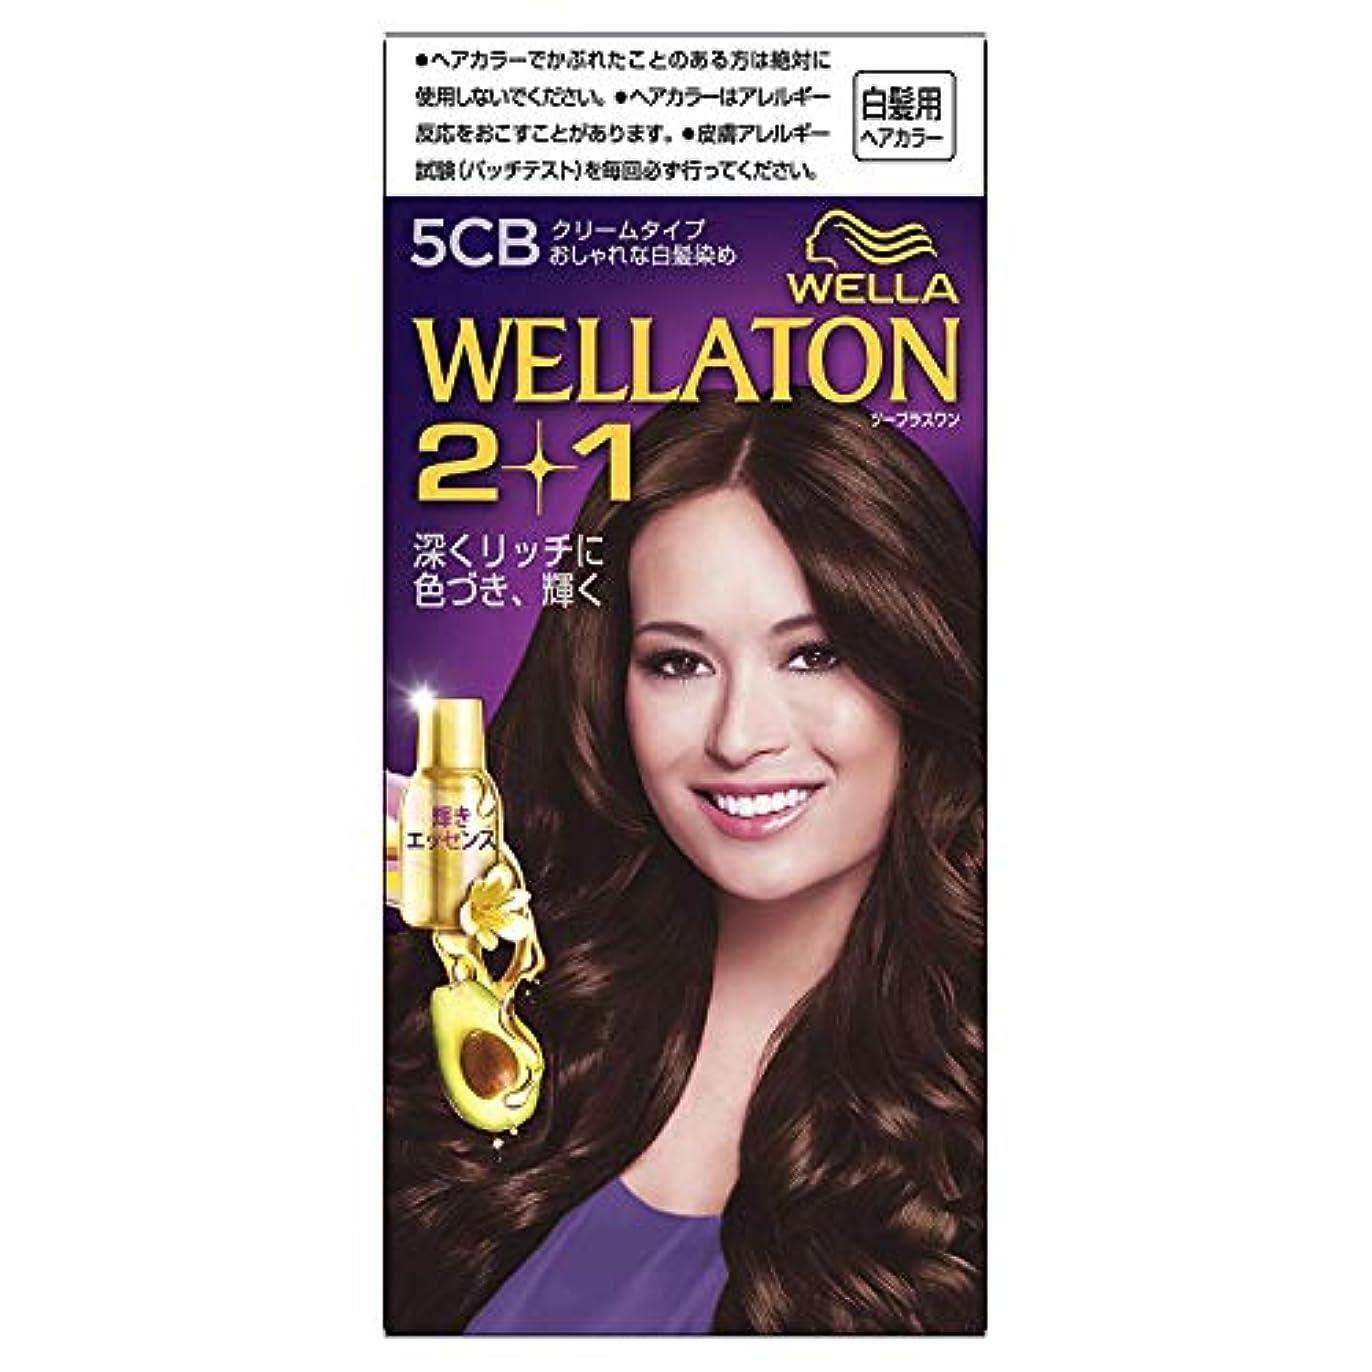 初期散らす首尾一貫したウエラトーン2+1 白髪染め クリームタイプ 5CB [医薬部外品] ×6個